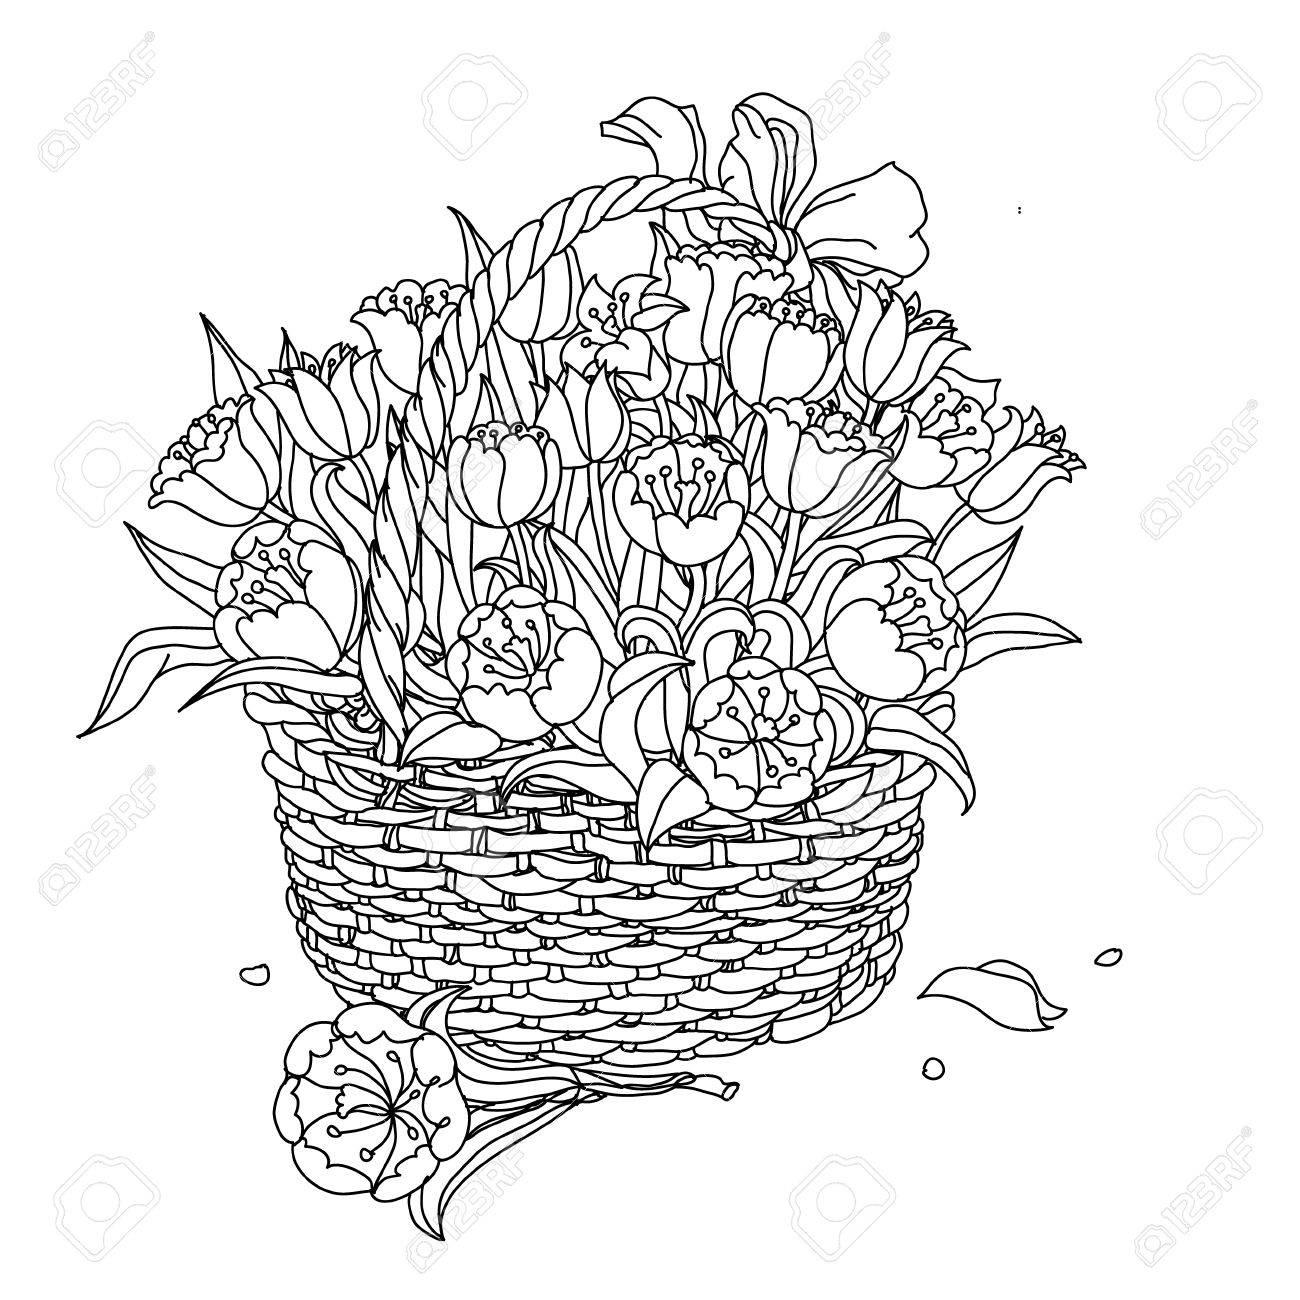 Lément De Dessin De La Main Noir Et Blanc Fleurs Dans Un Panier Illustration Vectorielle Le Meilleur Pour Votre Design Textiles Affiches